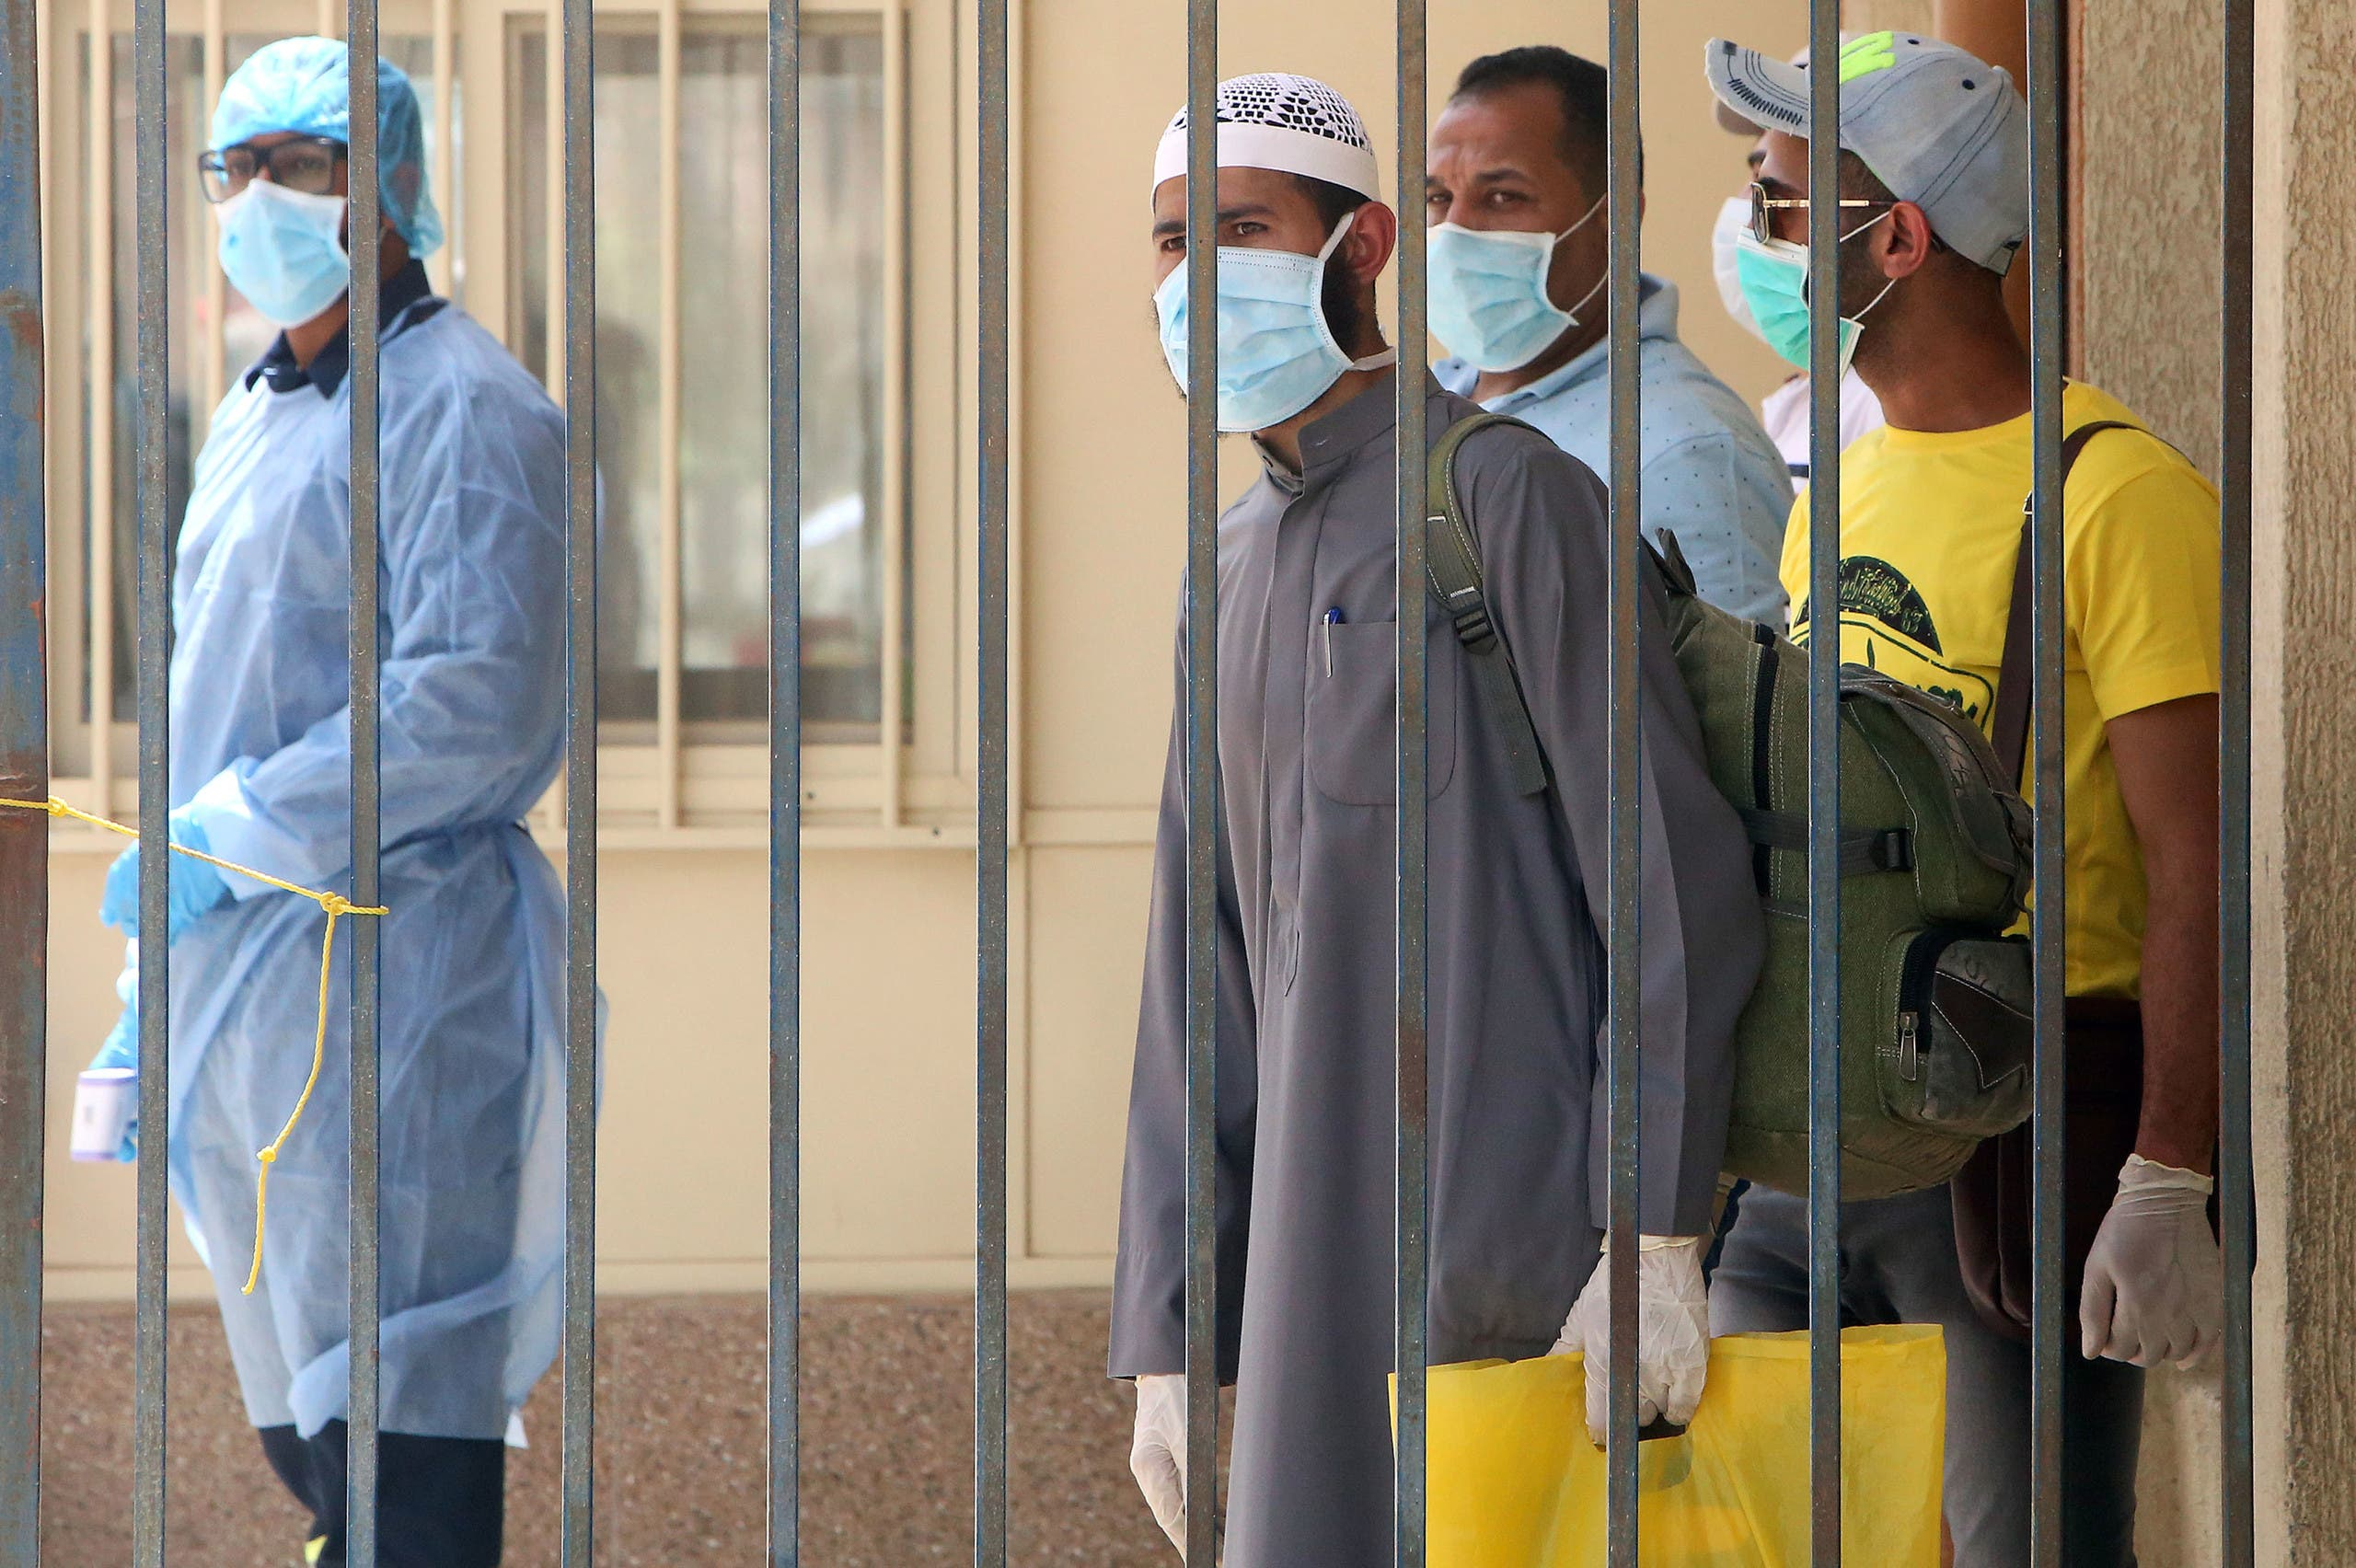 وافدون يرتدون كمامات في مركز قصدوه لتعديل أوضاعهم في الكويت ضمن مبادرة أطلقتها السلطات في ظل تفشي كورونا